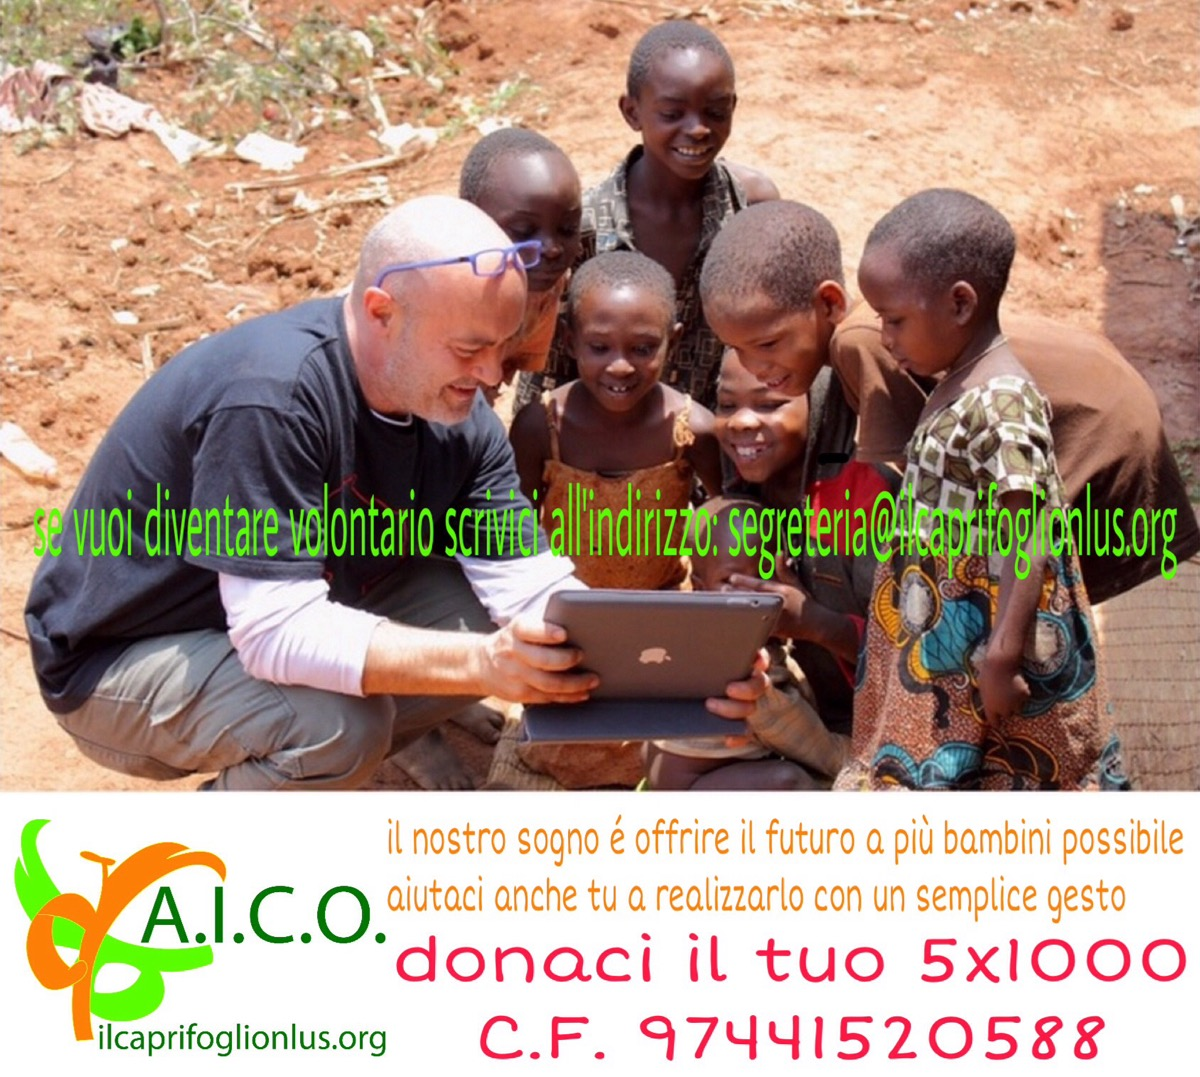 AICO SOSTEGNO 5X1000